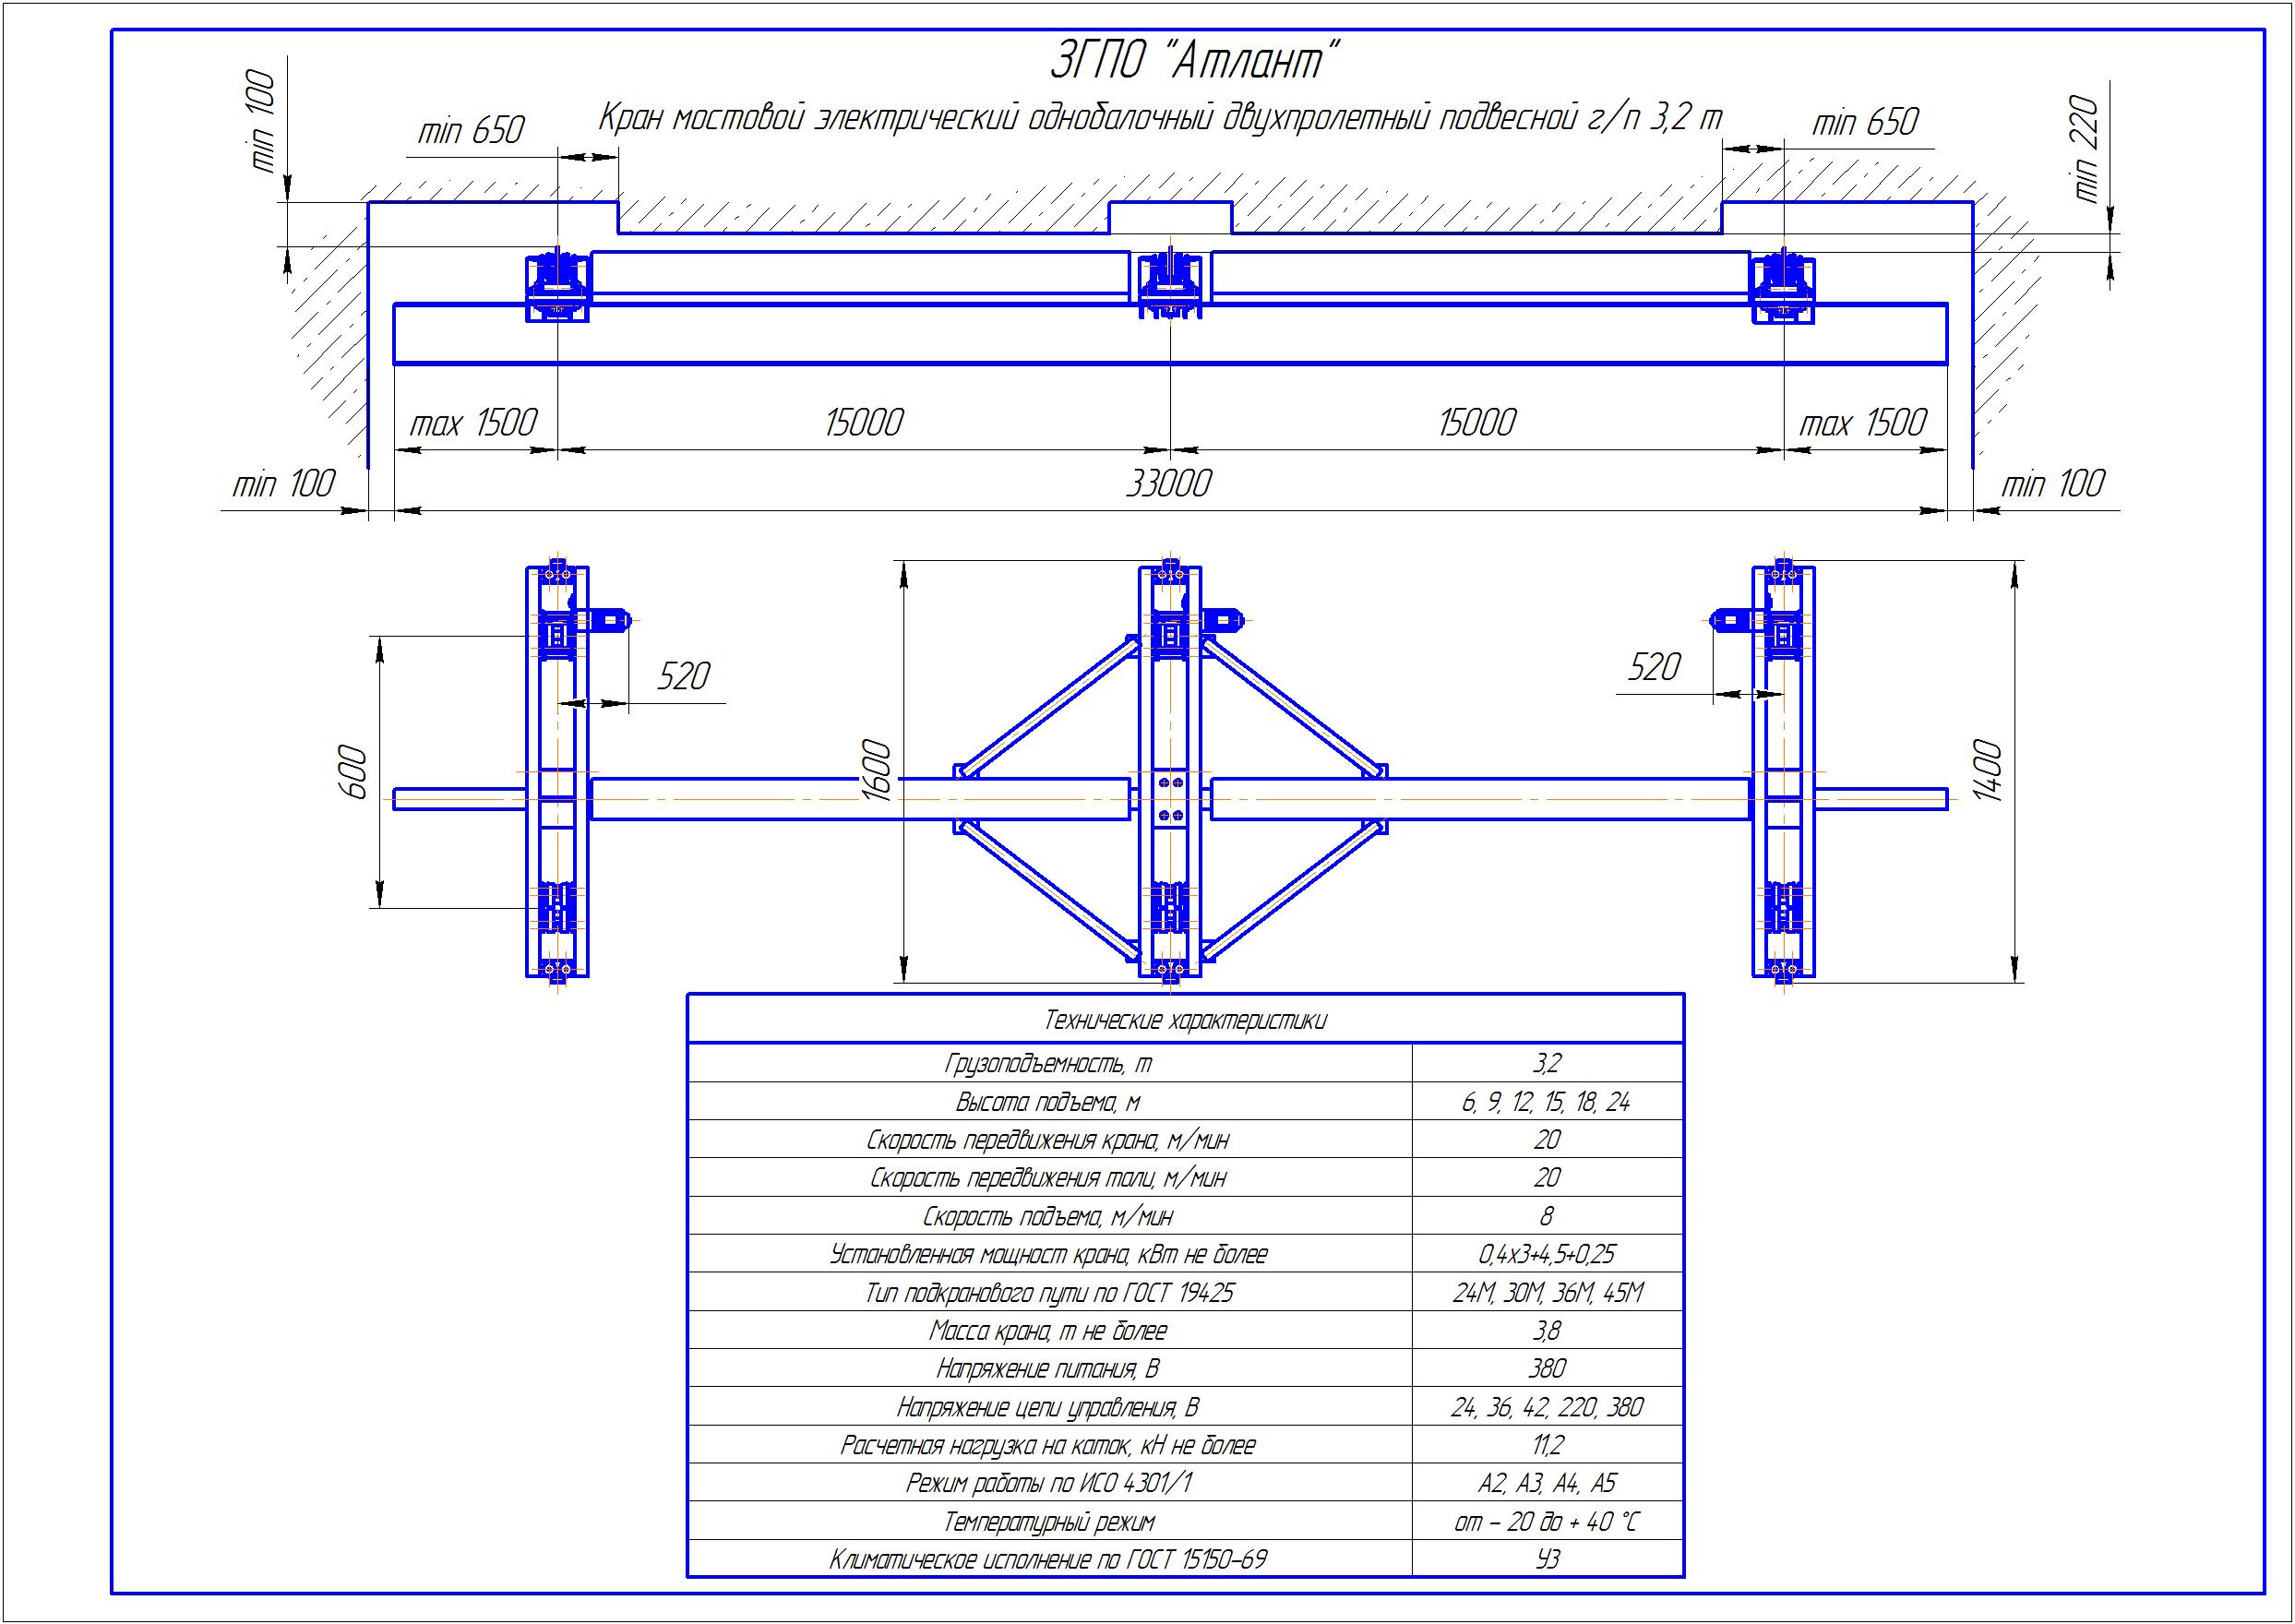 KBPD 3 5 - Подвесная кран балка двухпролетная